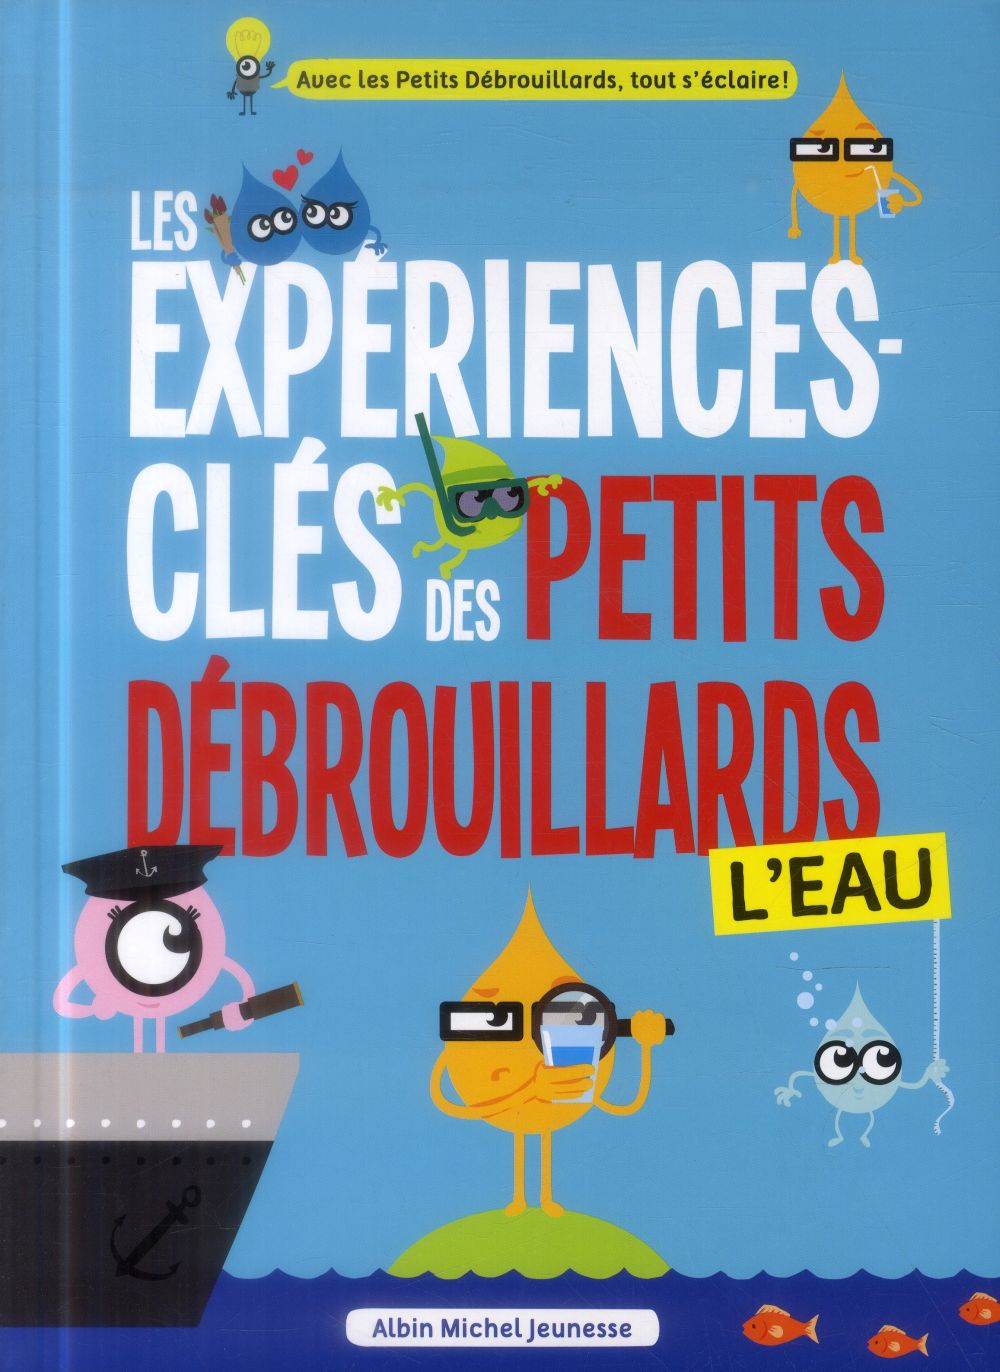 LES EXPERIENCES-CLES DES PETITS DEBROUILLARDS - L'EAU